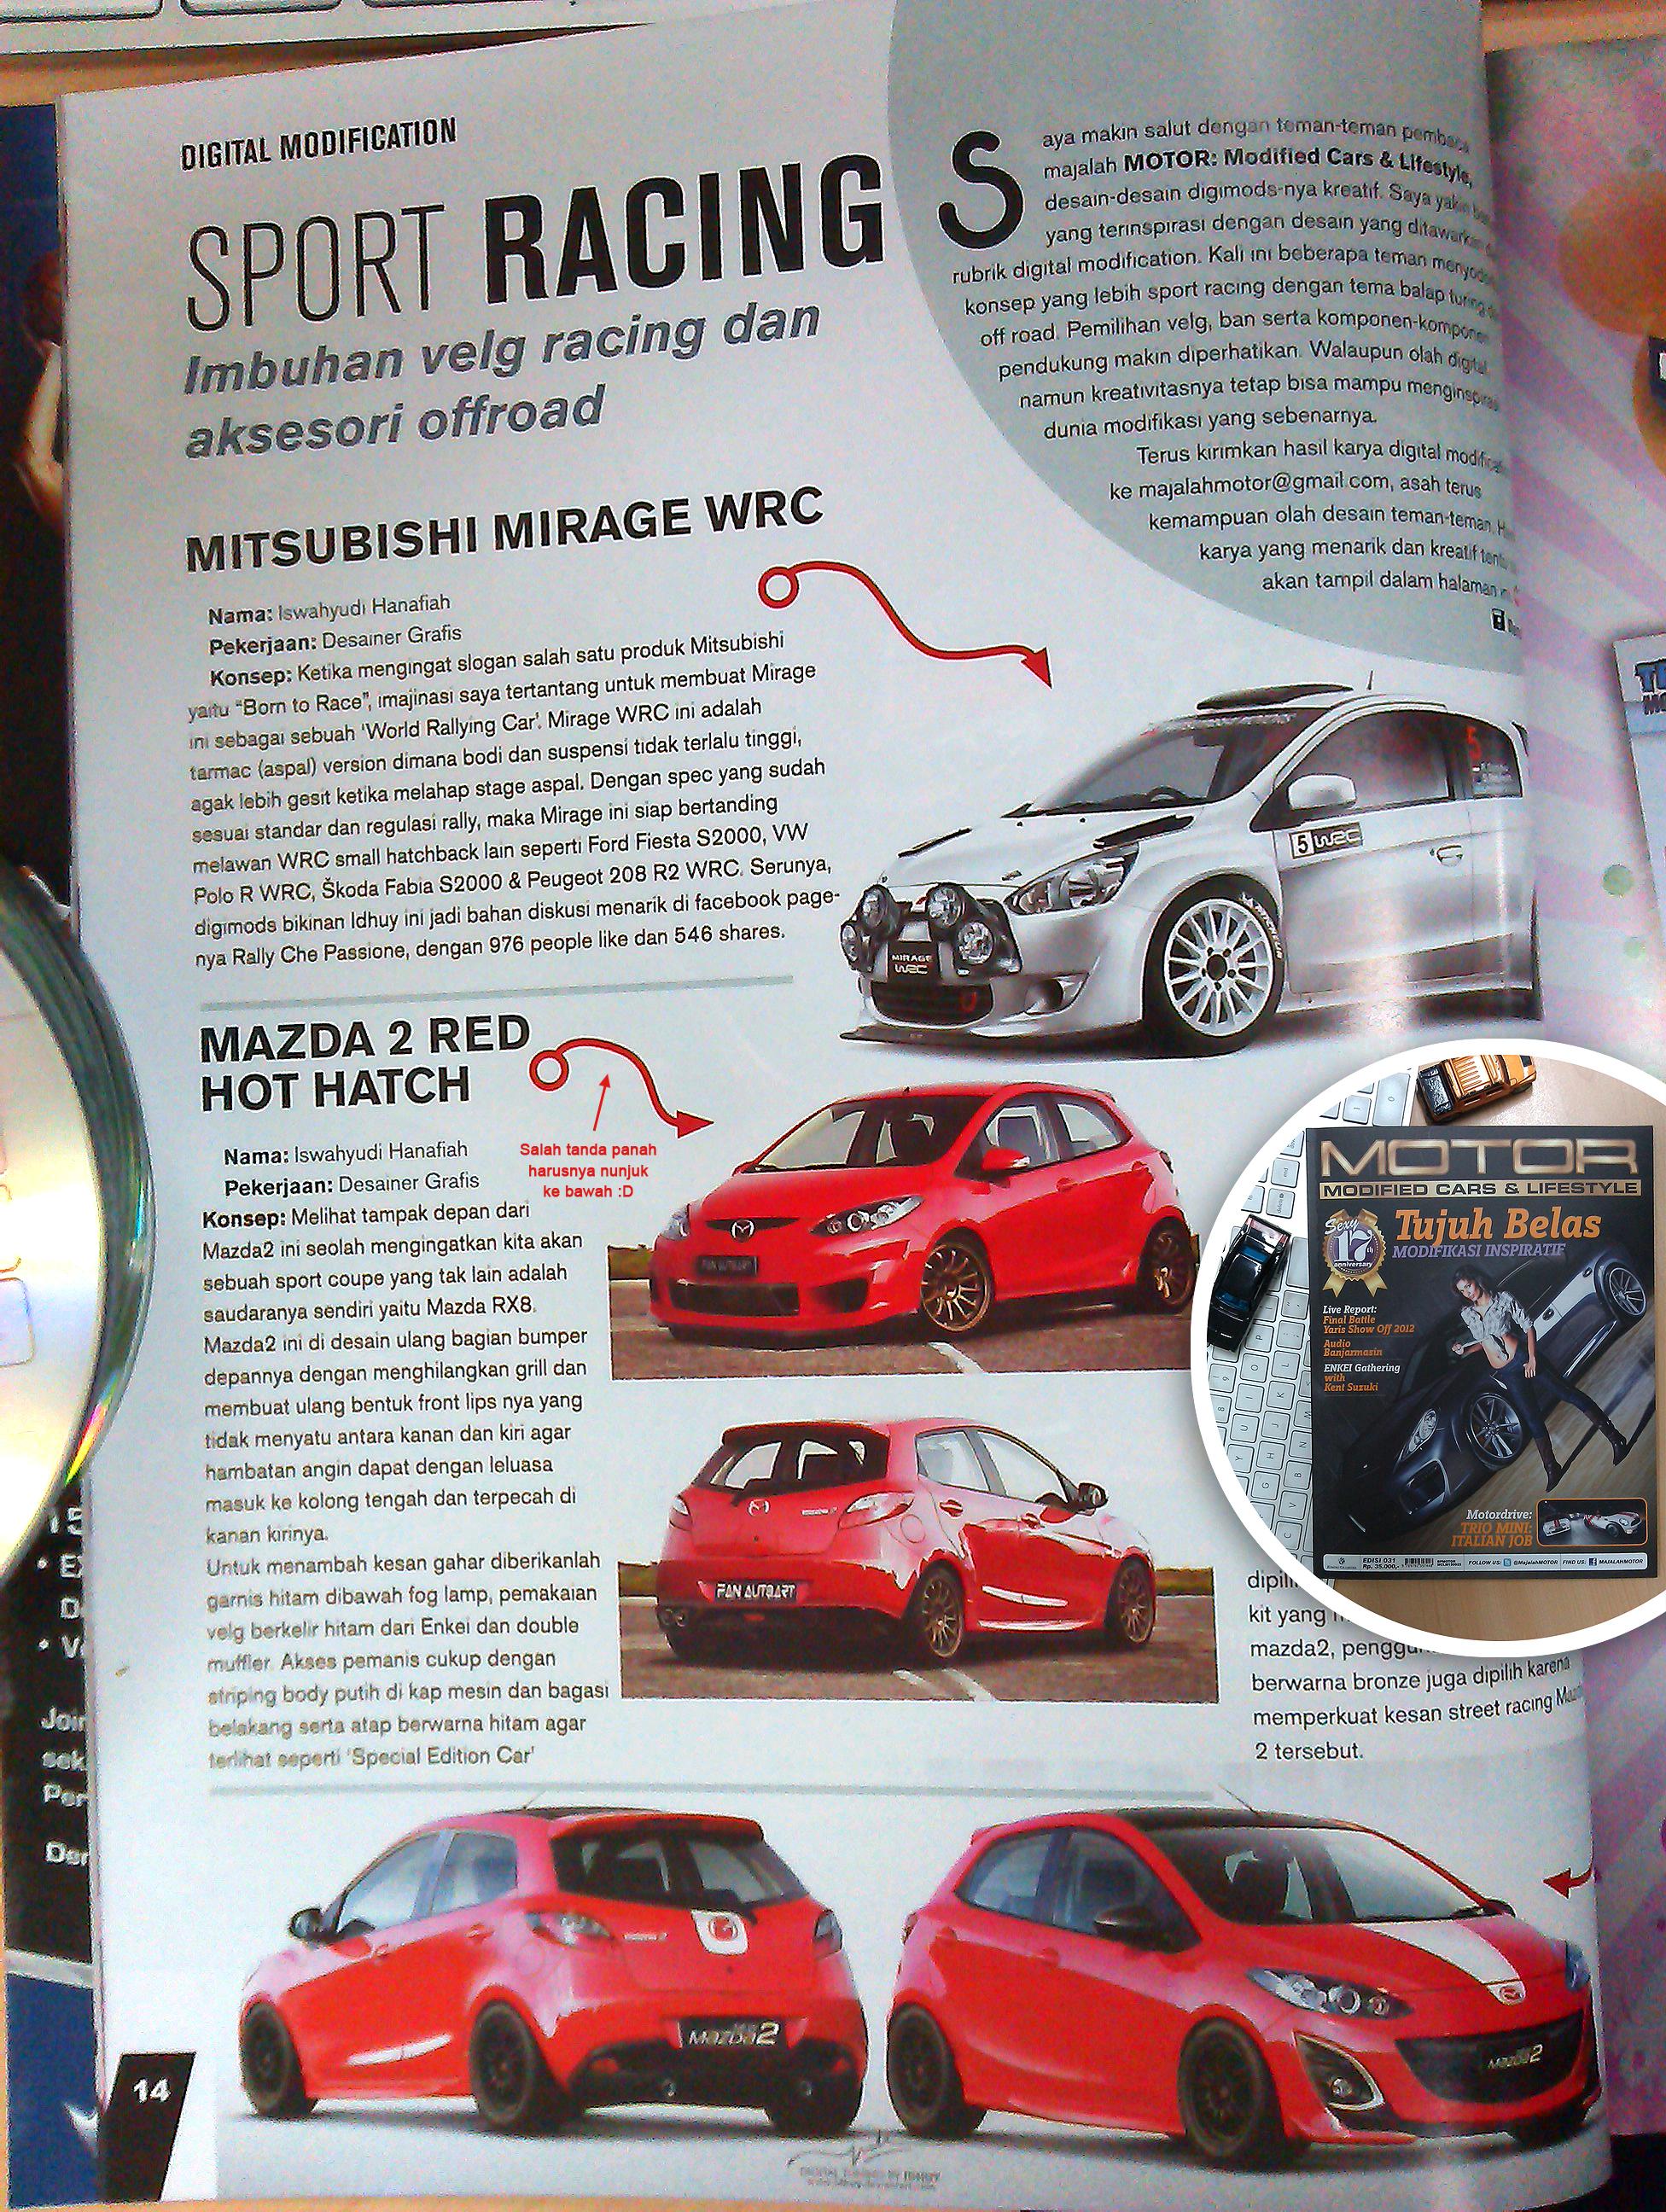 Modifikasi Mirage and Mazda2 di Majalah MOTOR by idhuy